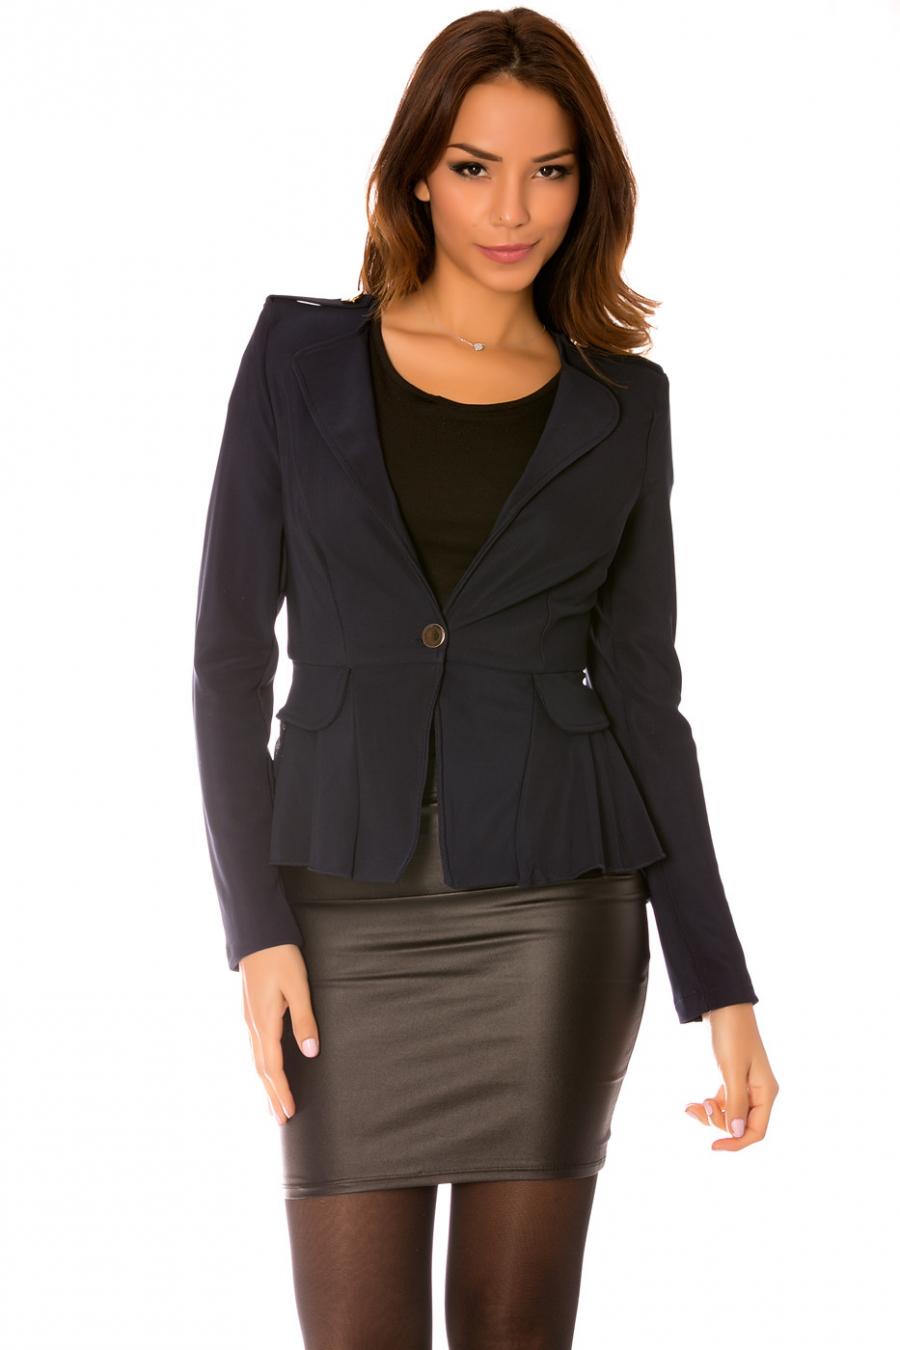 Veste blazer noir avec noeud au dos et voilage évasé en bas.